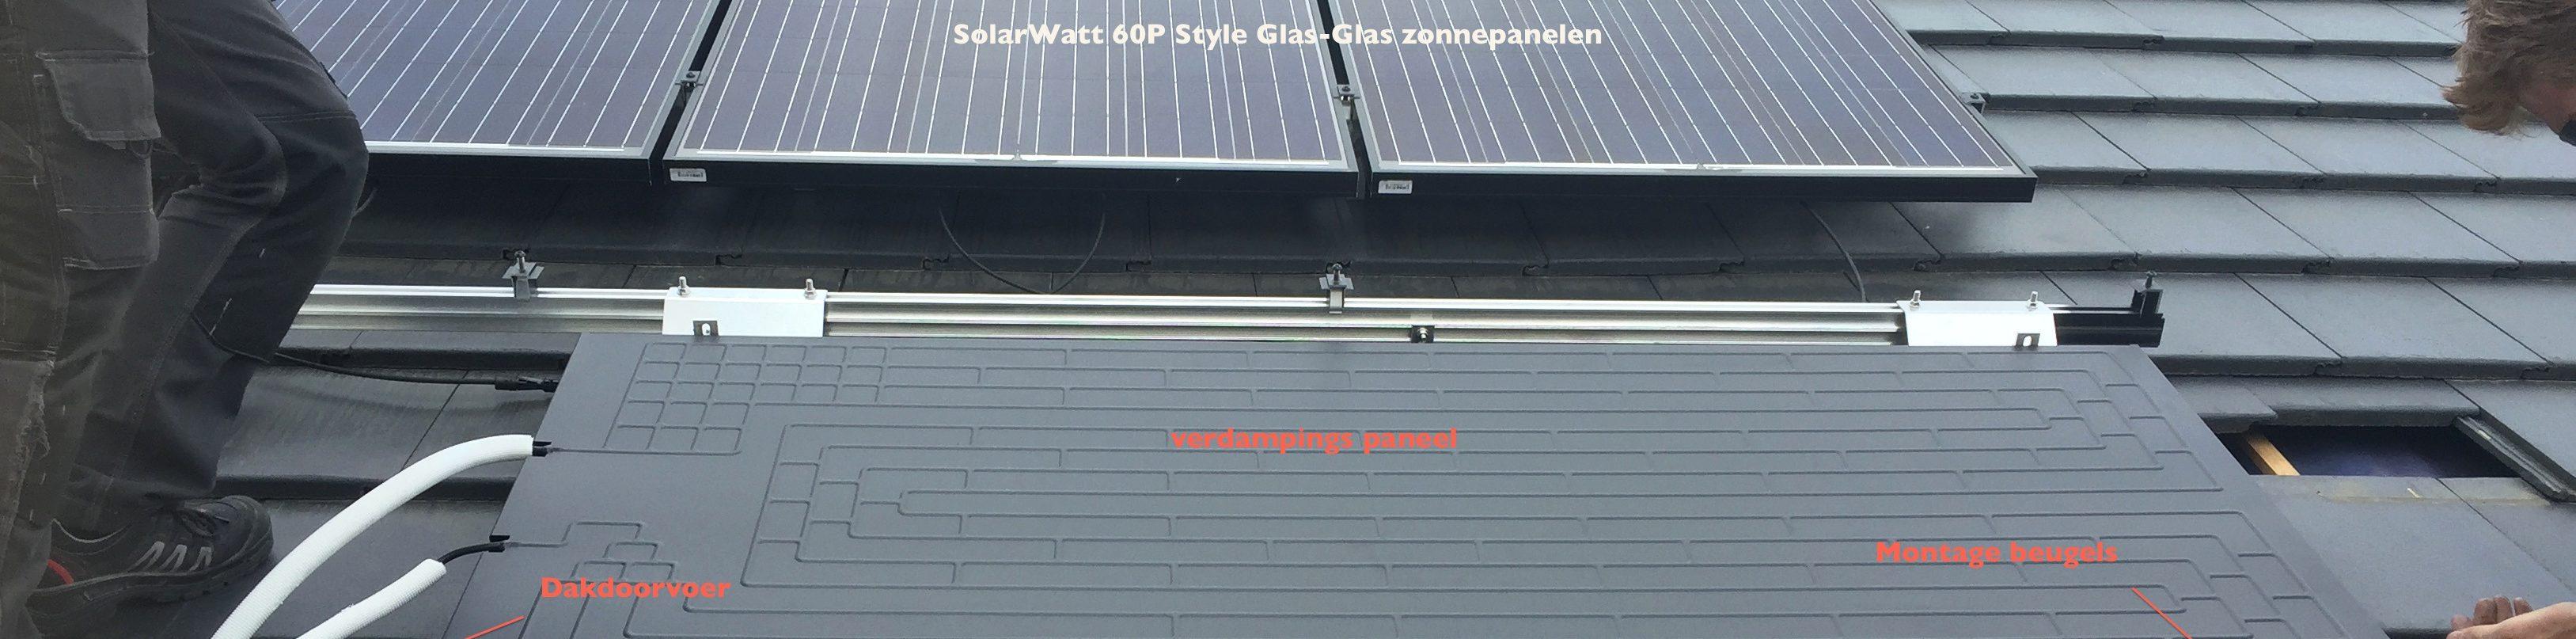 Verdampingspanelen onder zonnepanelen